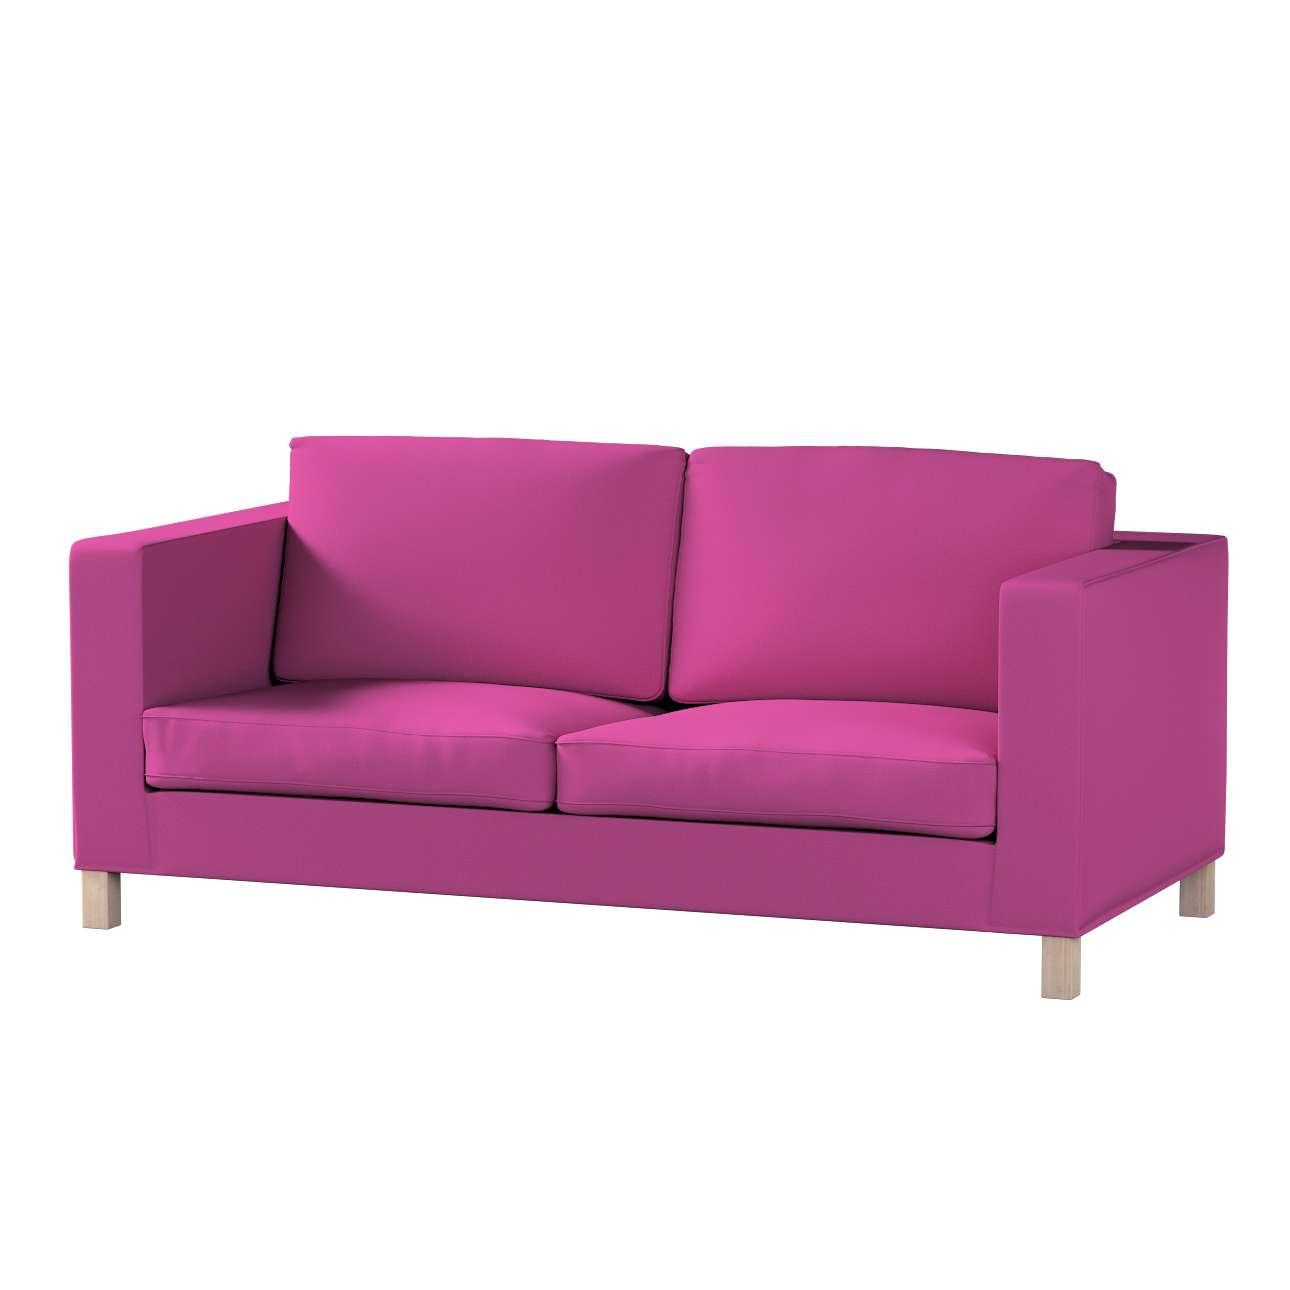 Pokrowiec na sofę Karlanda rozkładaną, krótki Sofa Karlanda rozkładana w kolekcji Etna , tkanina: 705-23